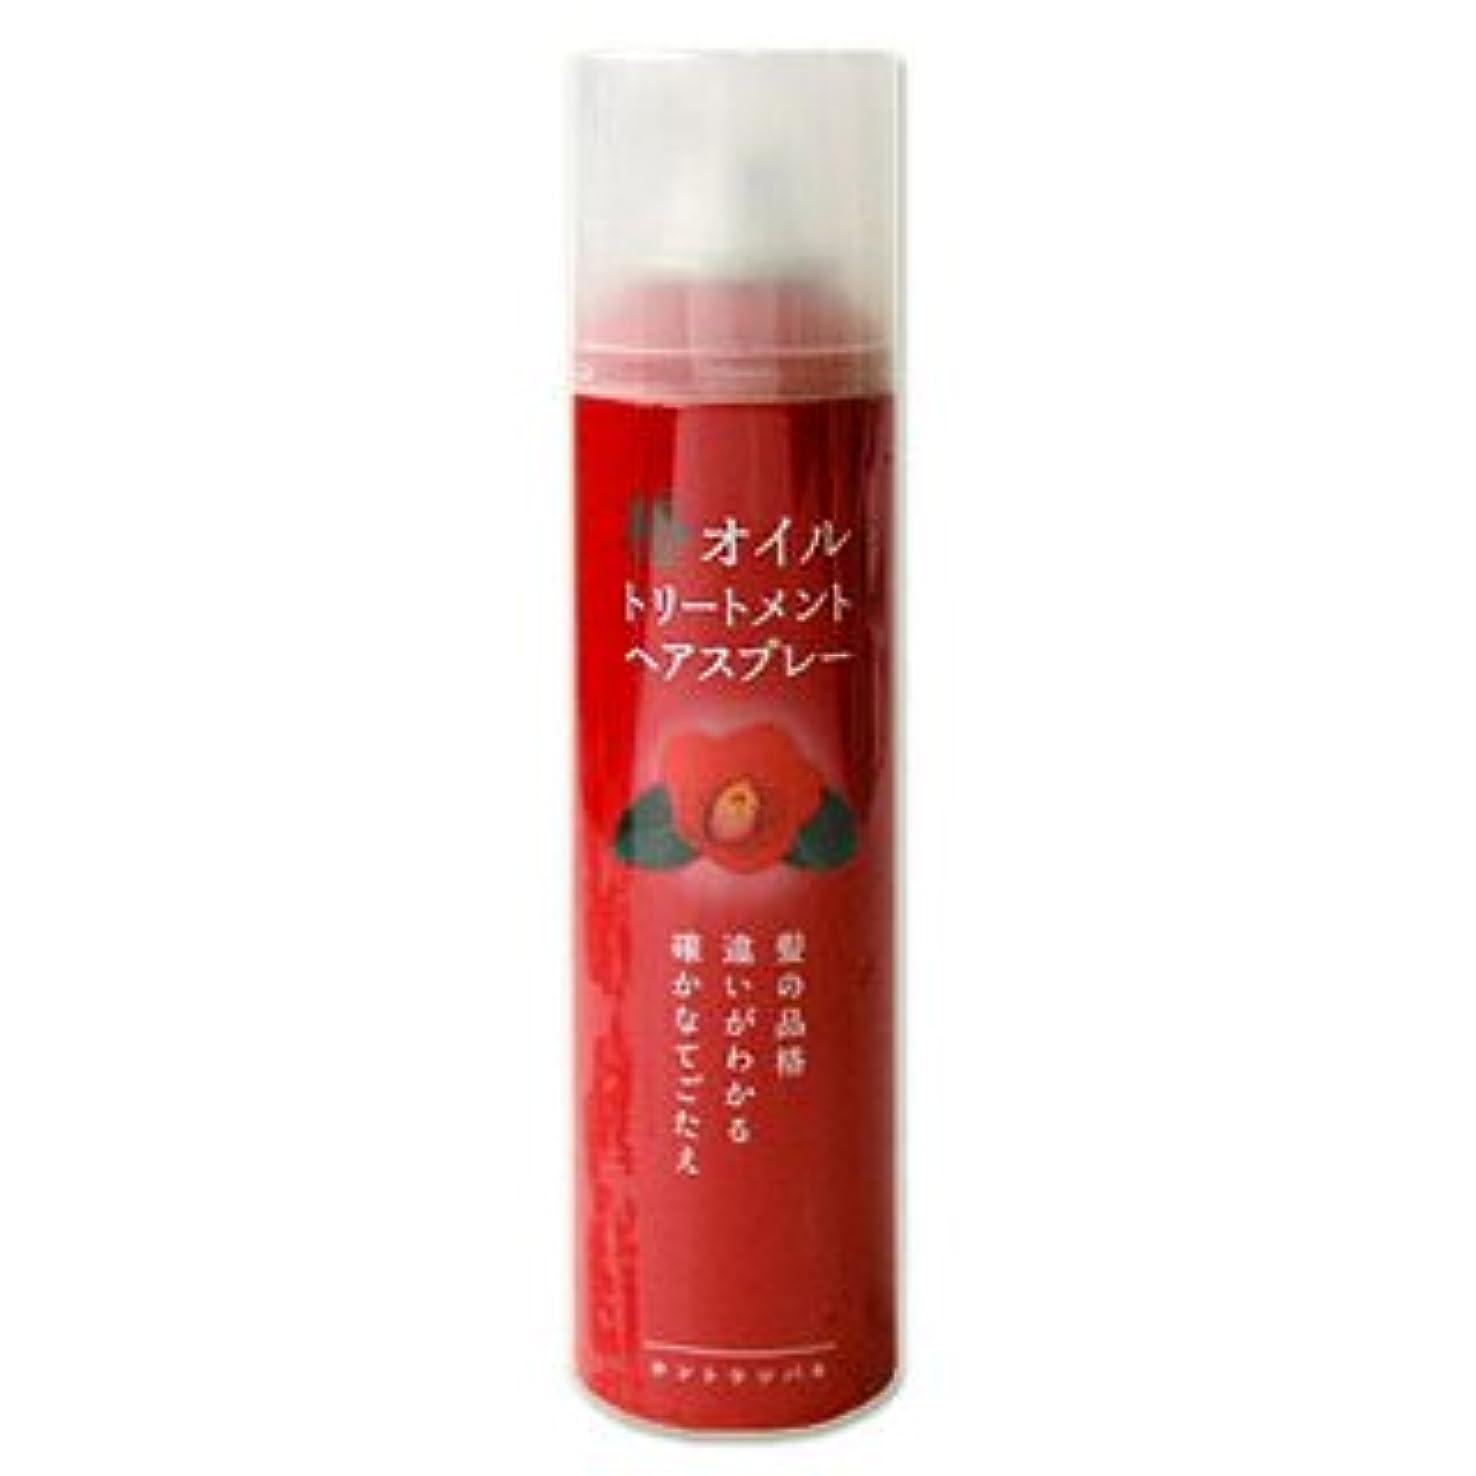 人類ブラウス月曜日本島椿 椿オイルトリートメントヘアスプレー 135g